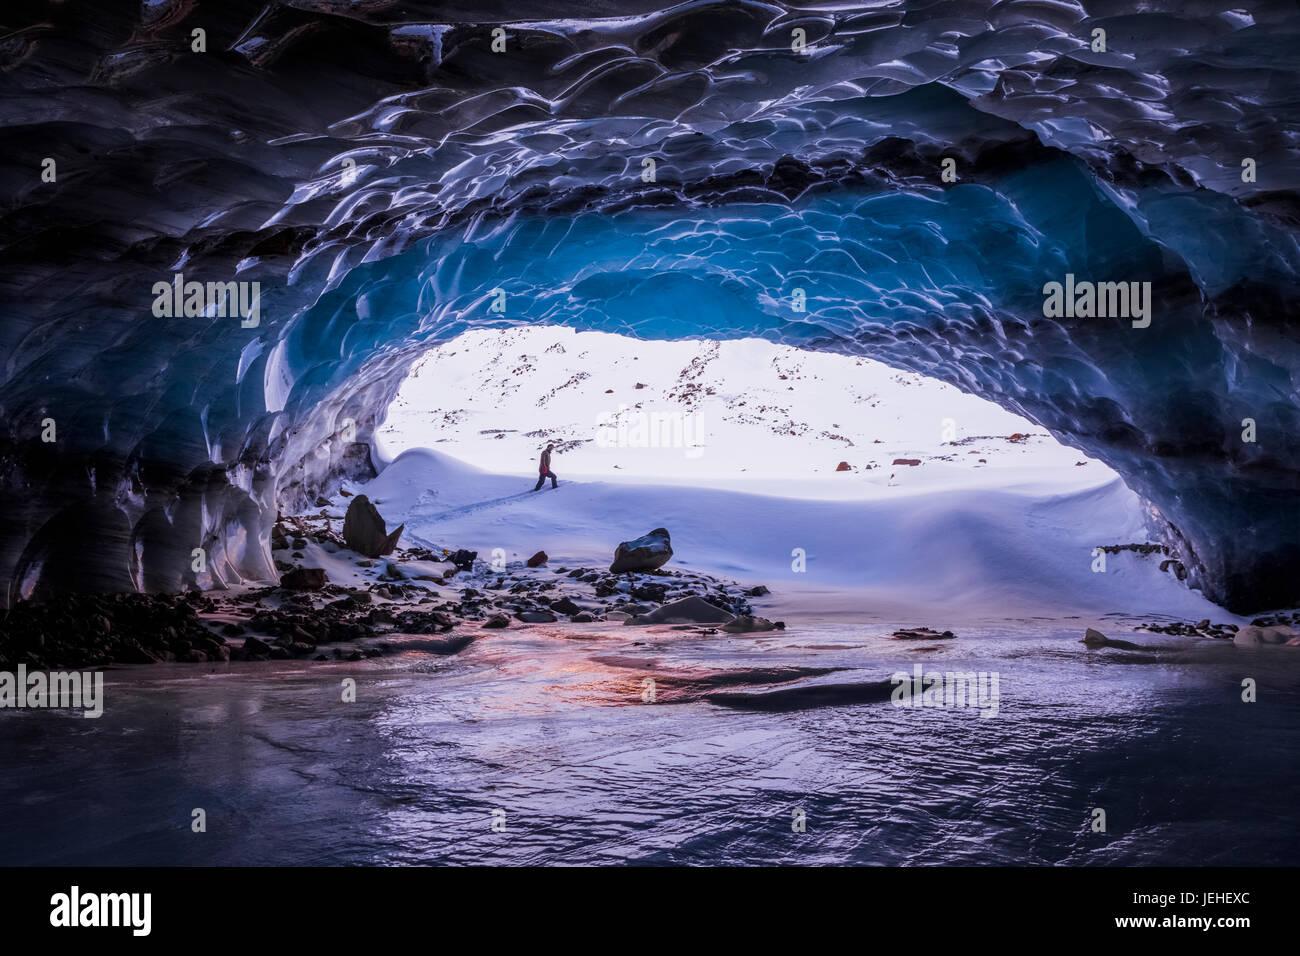 Un hombre está enmarcada por la entrada de una gran cueva de hielo cerca de la terminal de Augustana glaciar en la Cordillera de Alaska en invierno Foto de stock